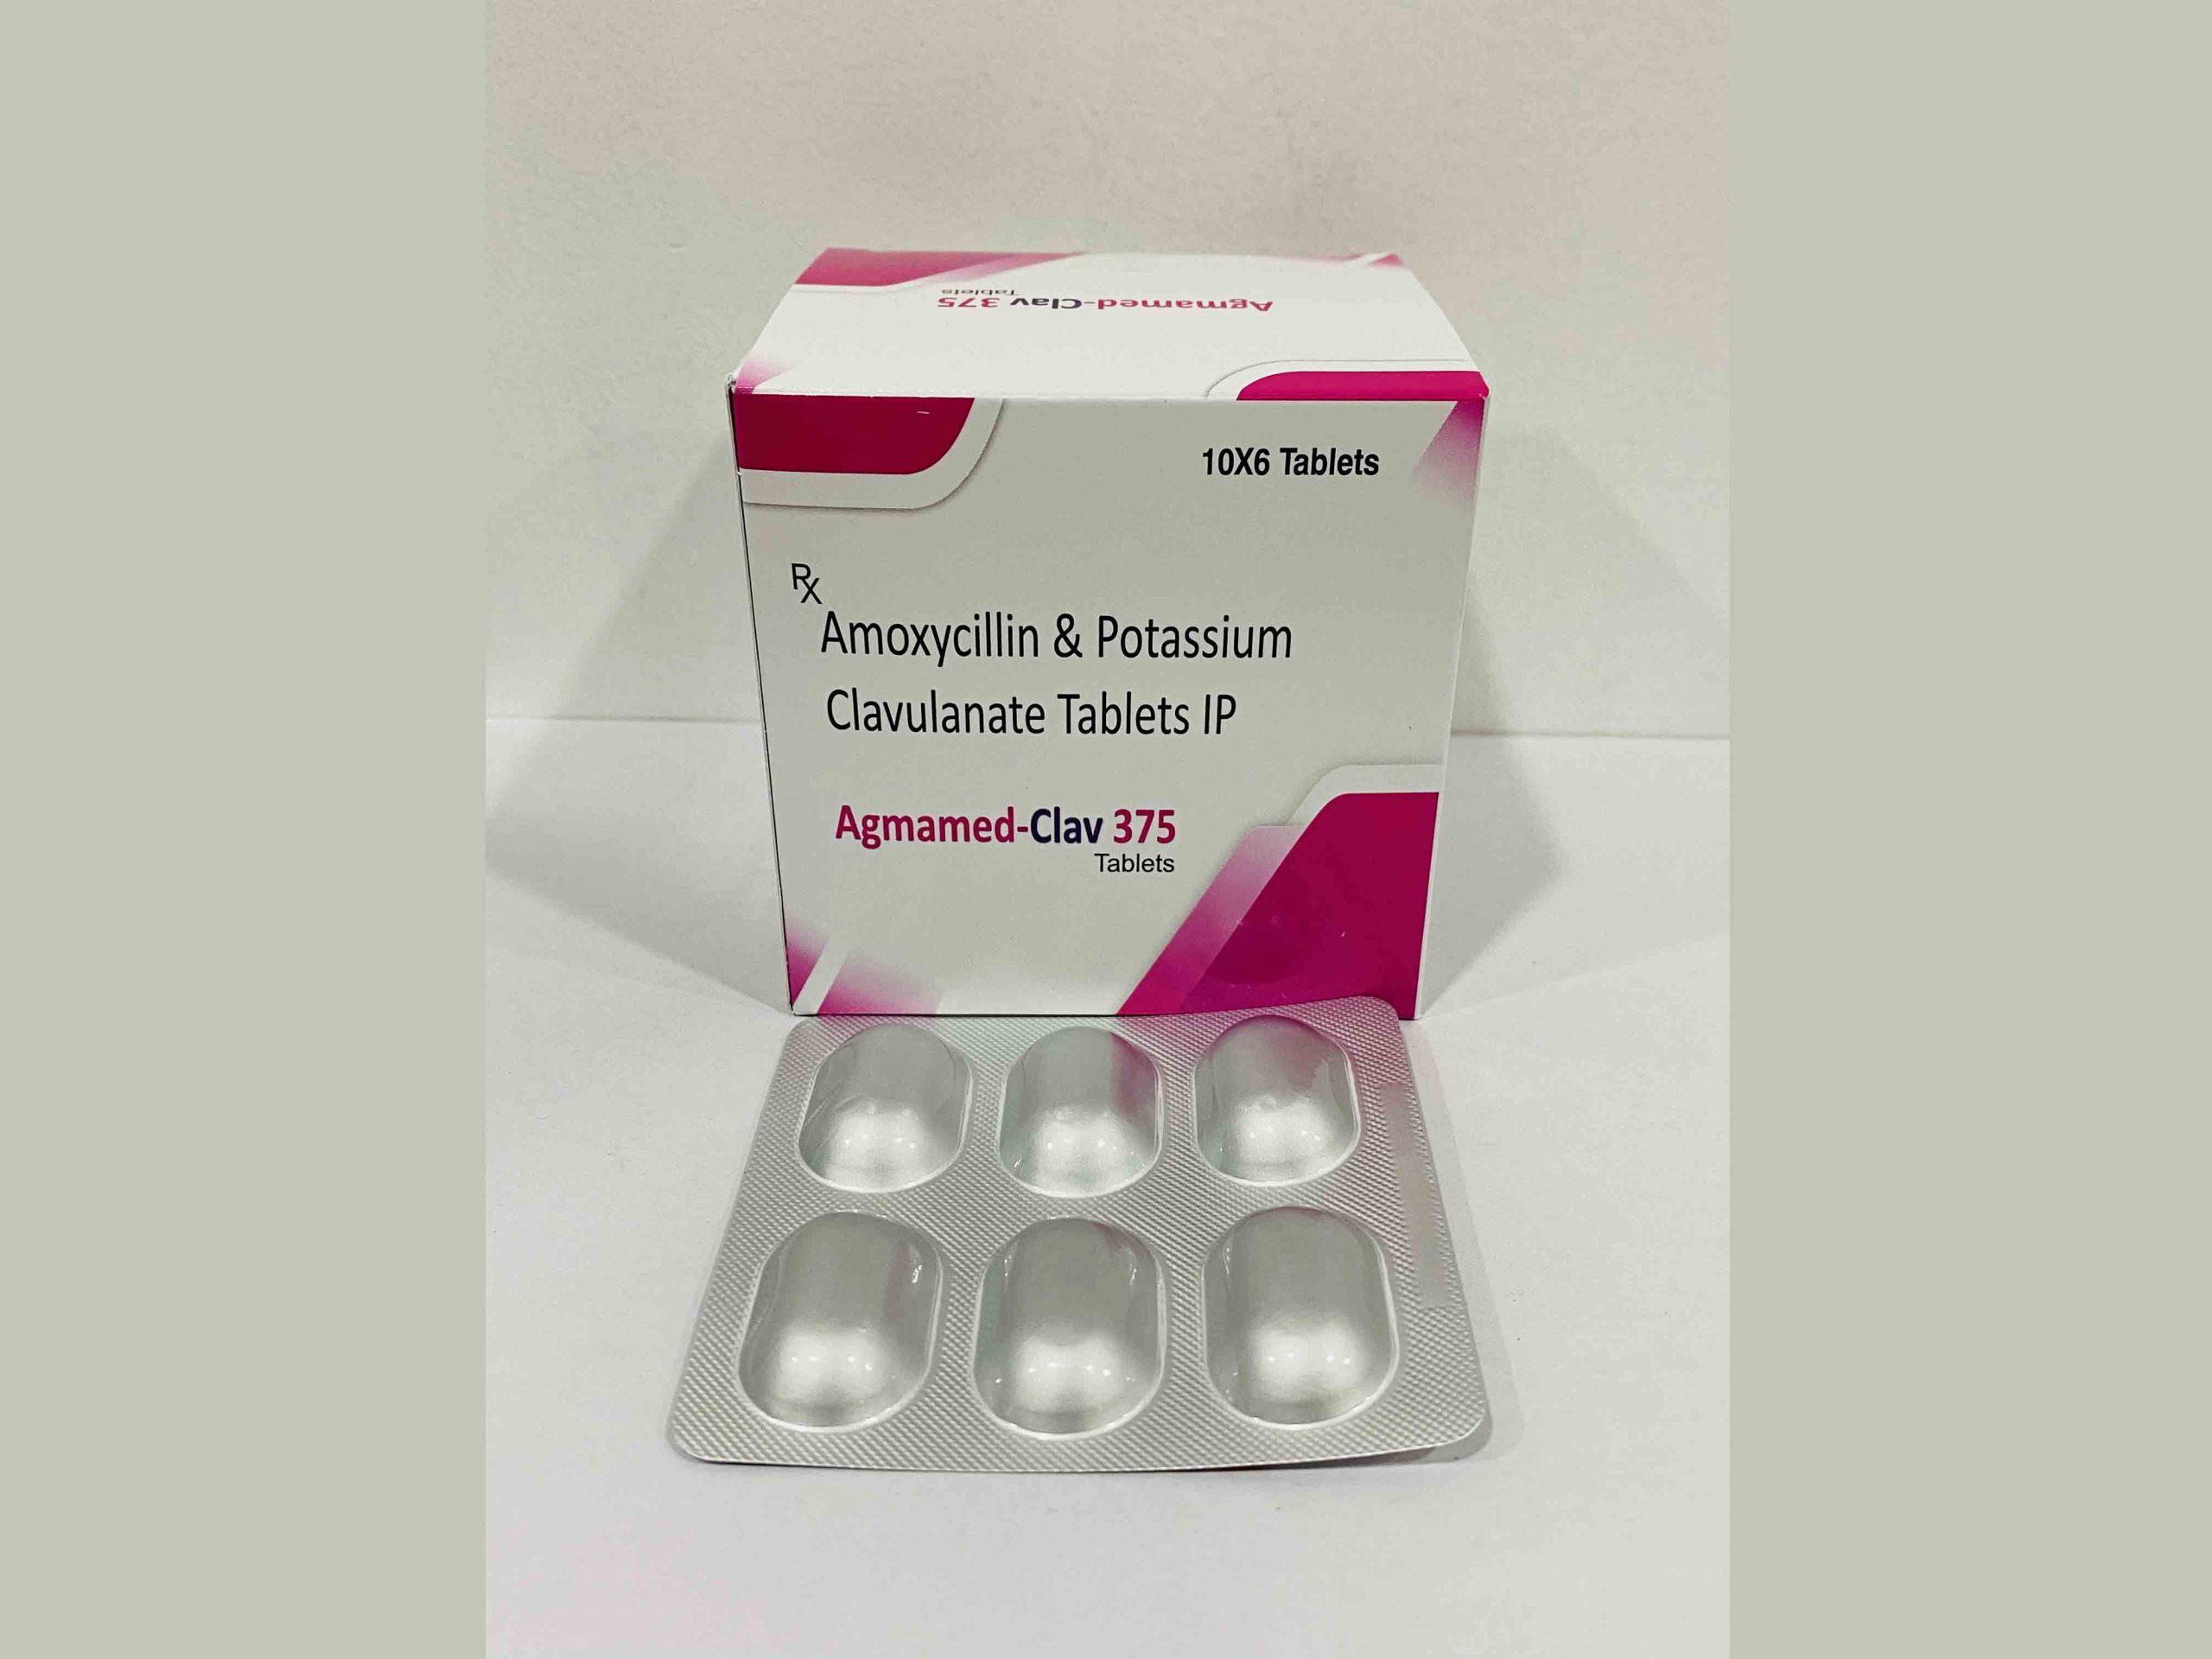 Agmamed-Clav 375